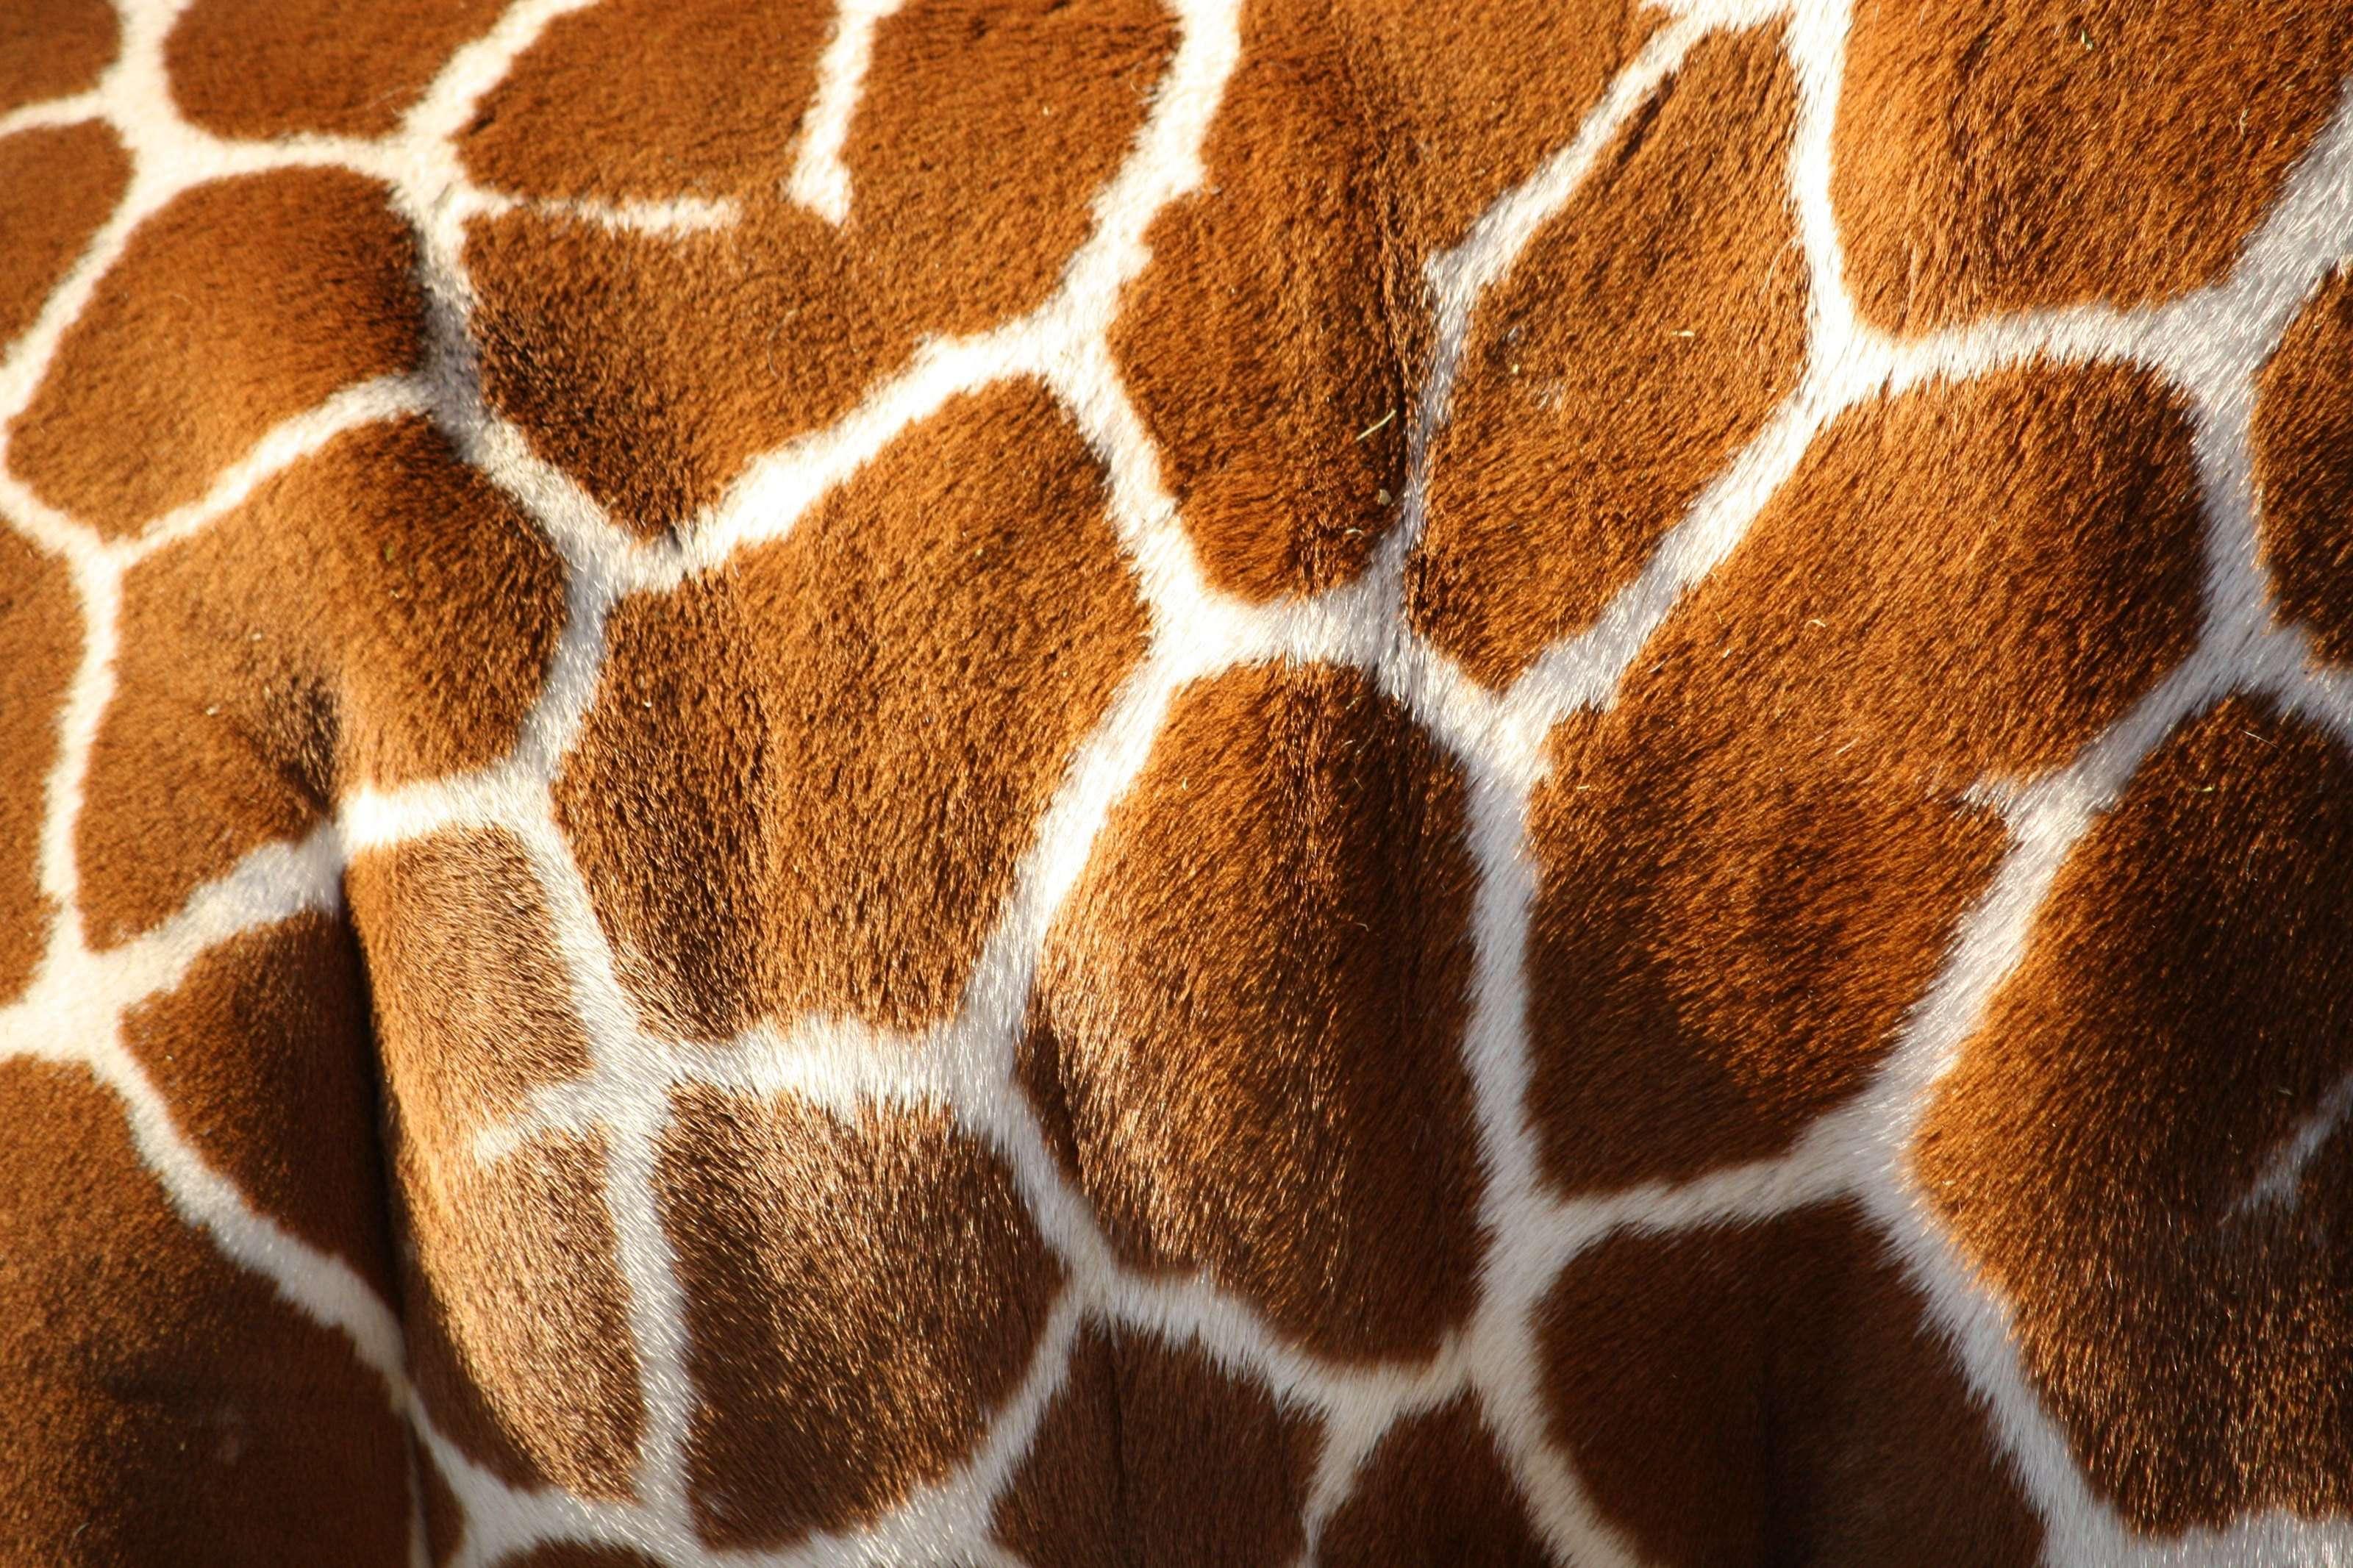 жираф рисунок  № 3522594 без смс